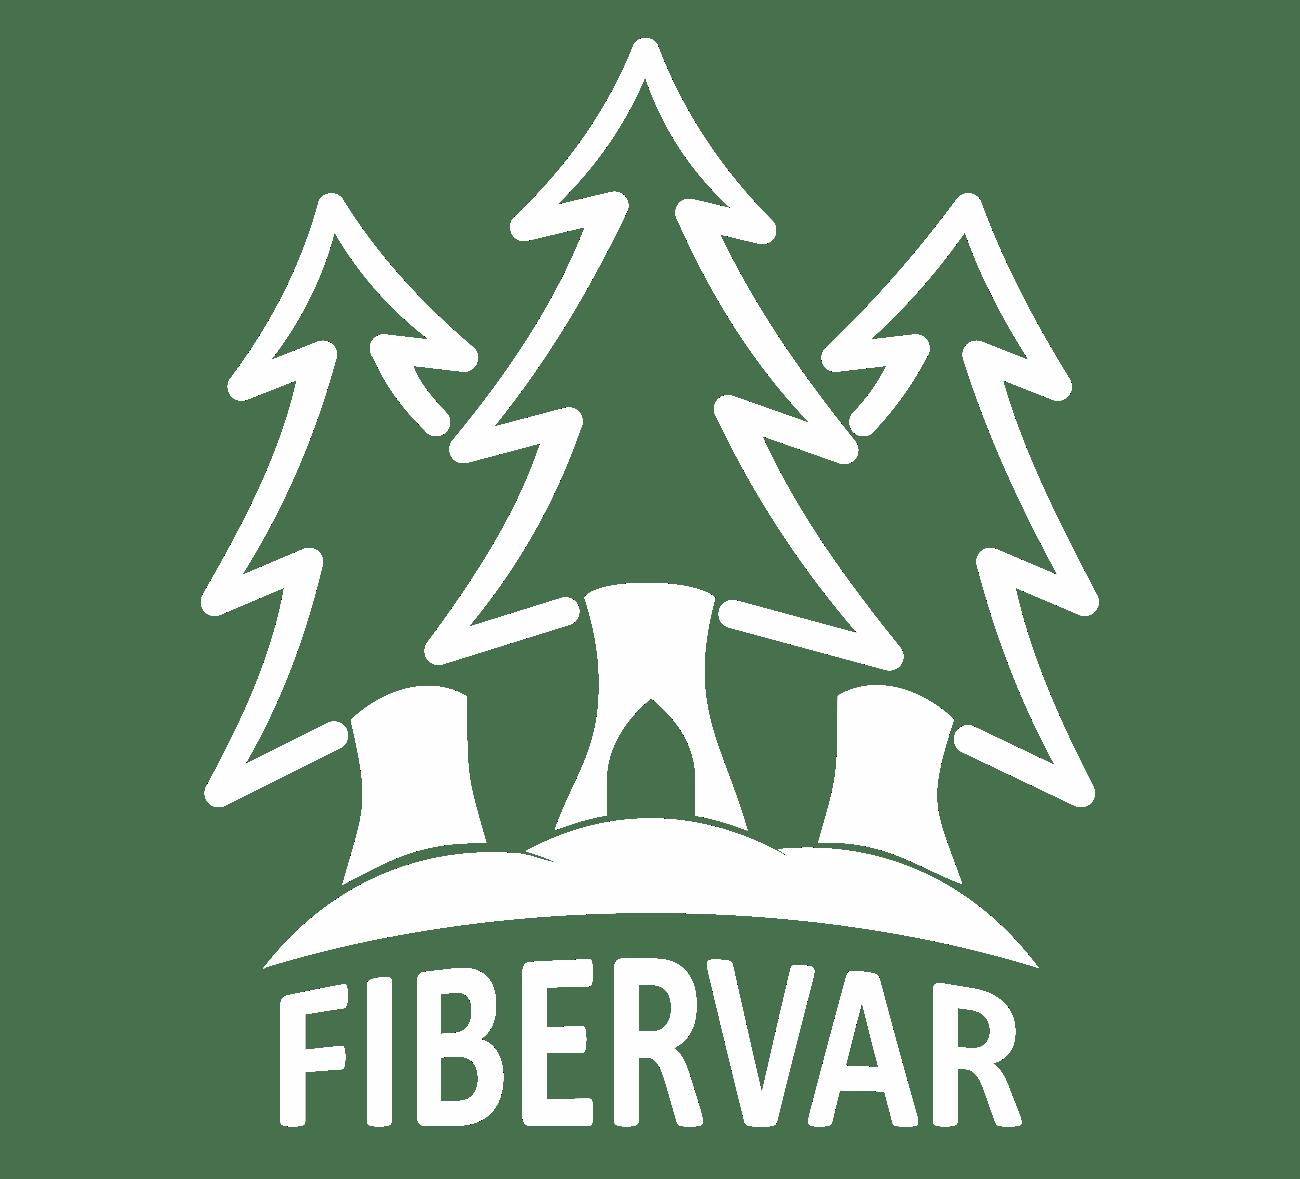 Fibervar